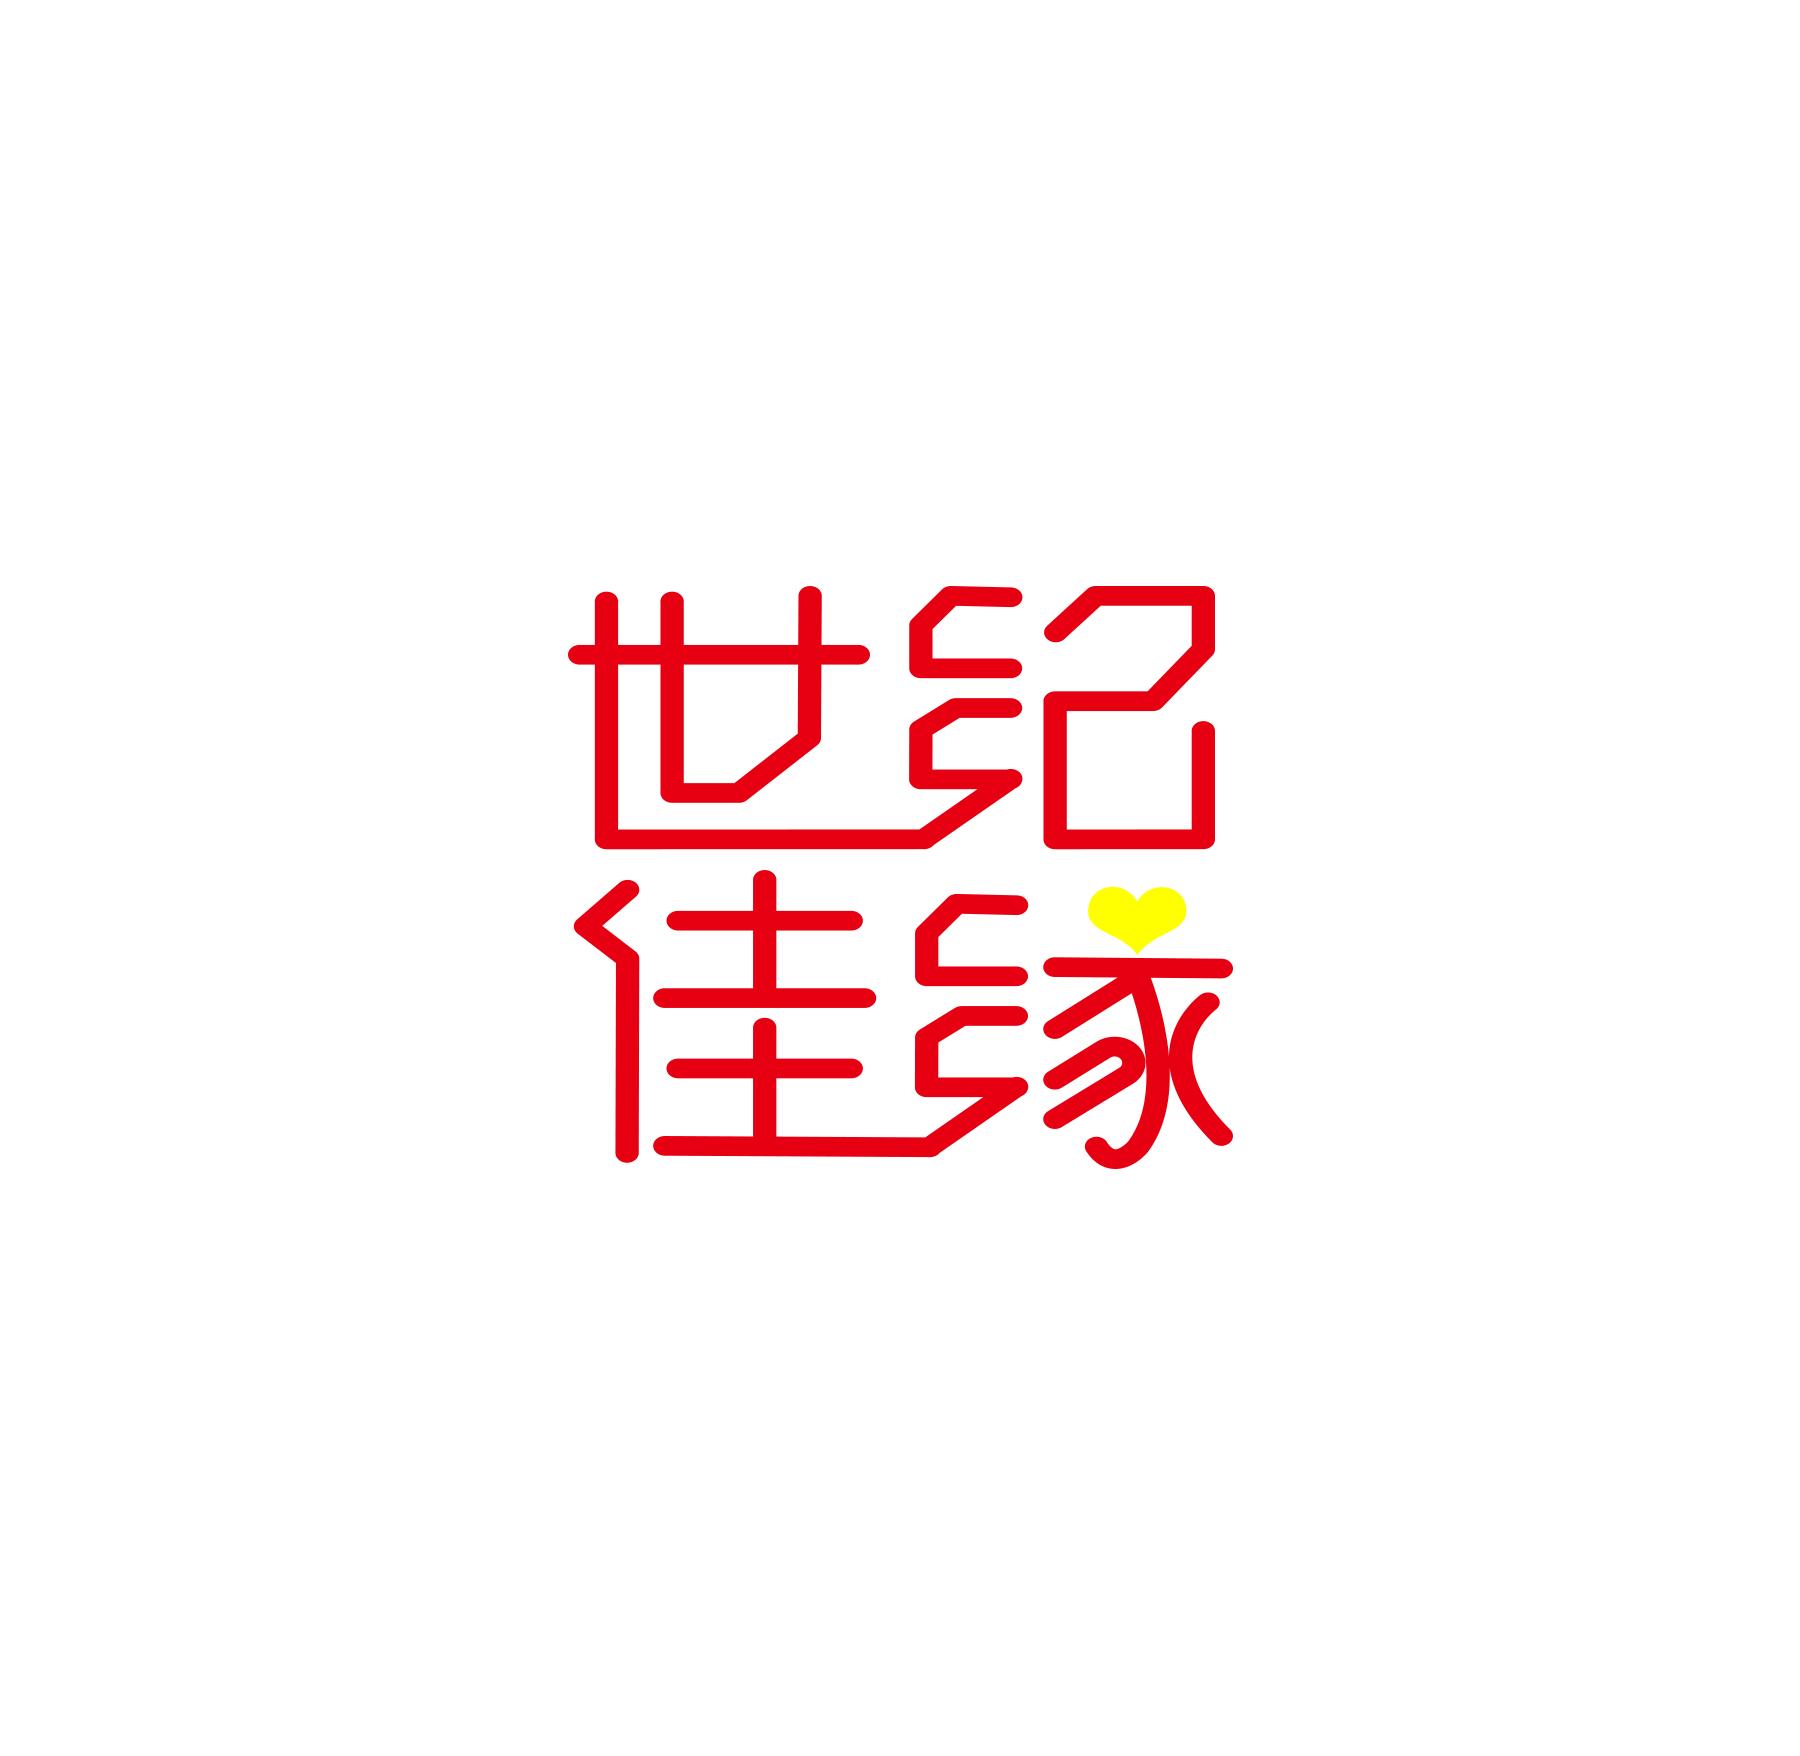 贵州天悦旅行社全国旅游联盟接待第二天:贵阳——六盘水